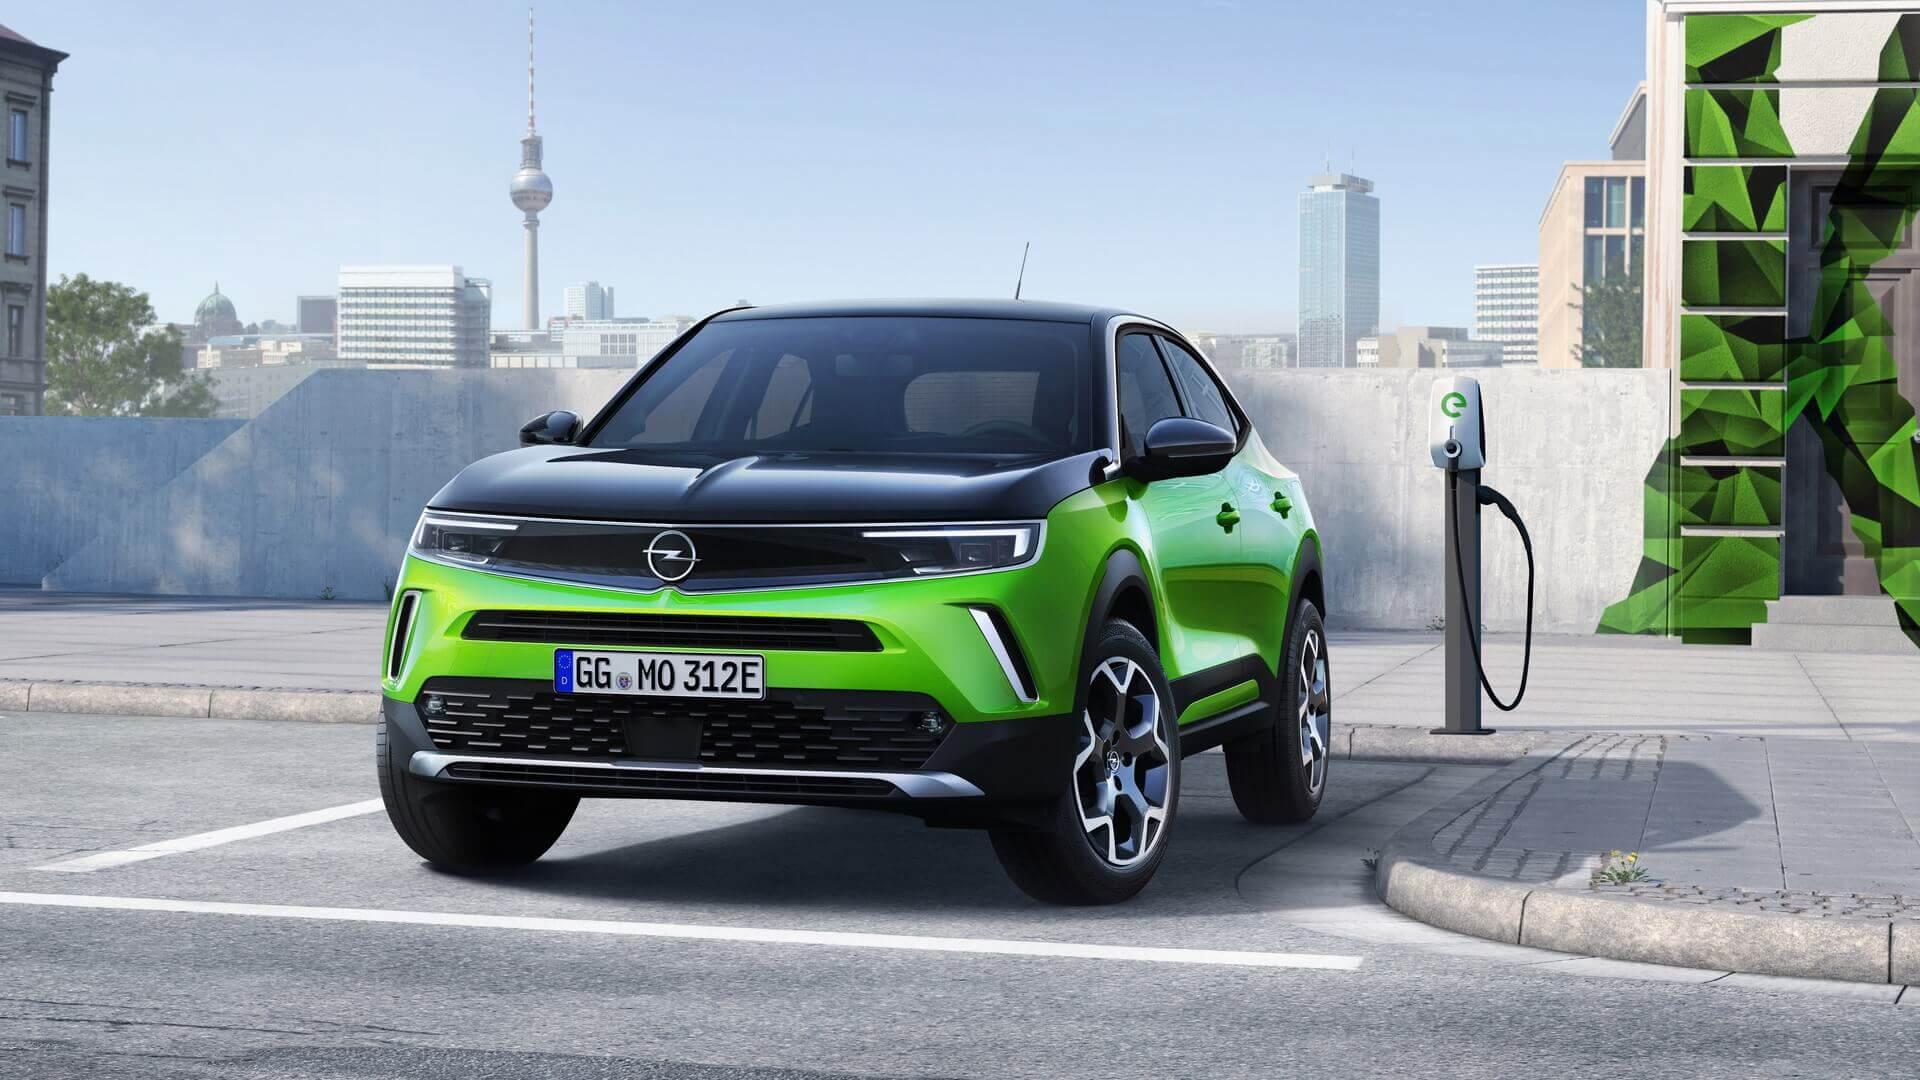 Чистая энергия: впервые в истории Opel новый Mokka в полностью электрической версии доступен сразу после выхода на рынок